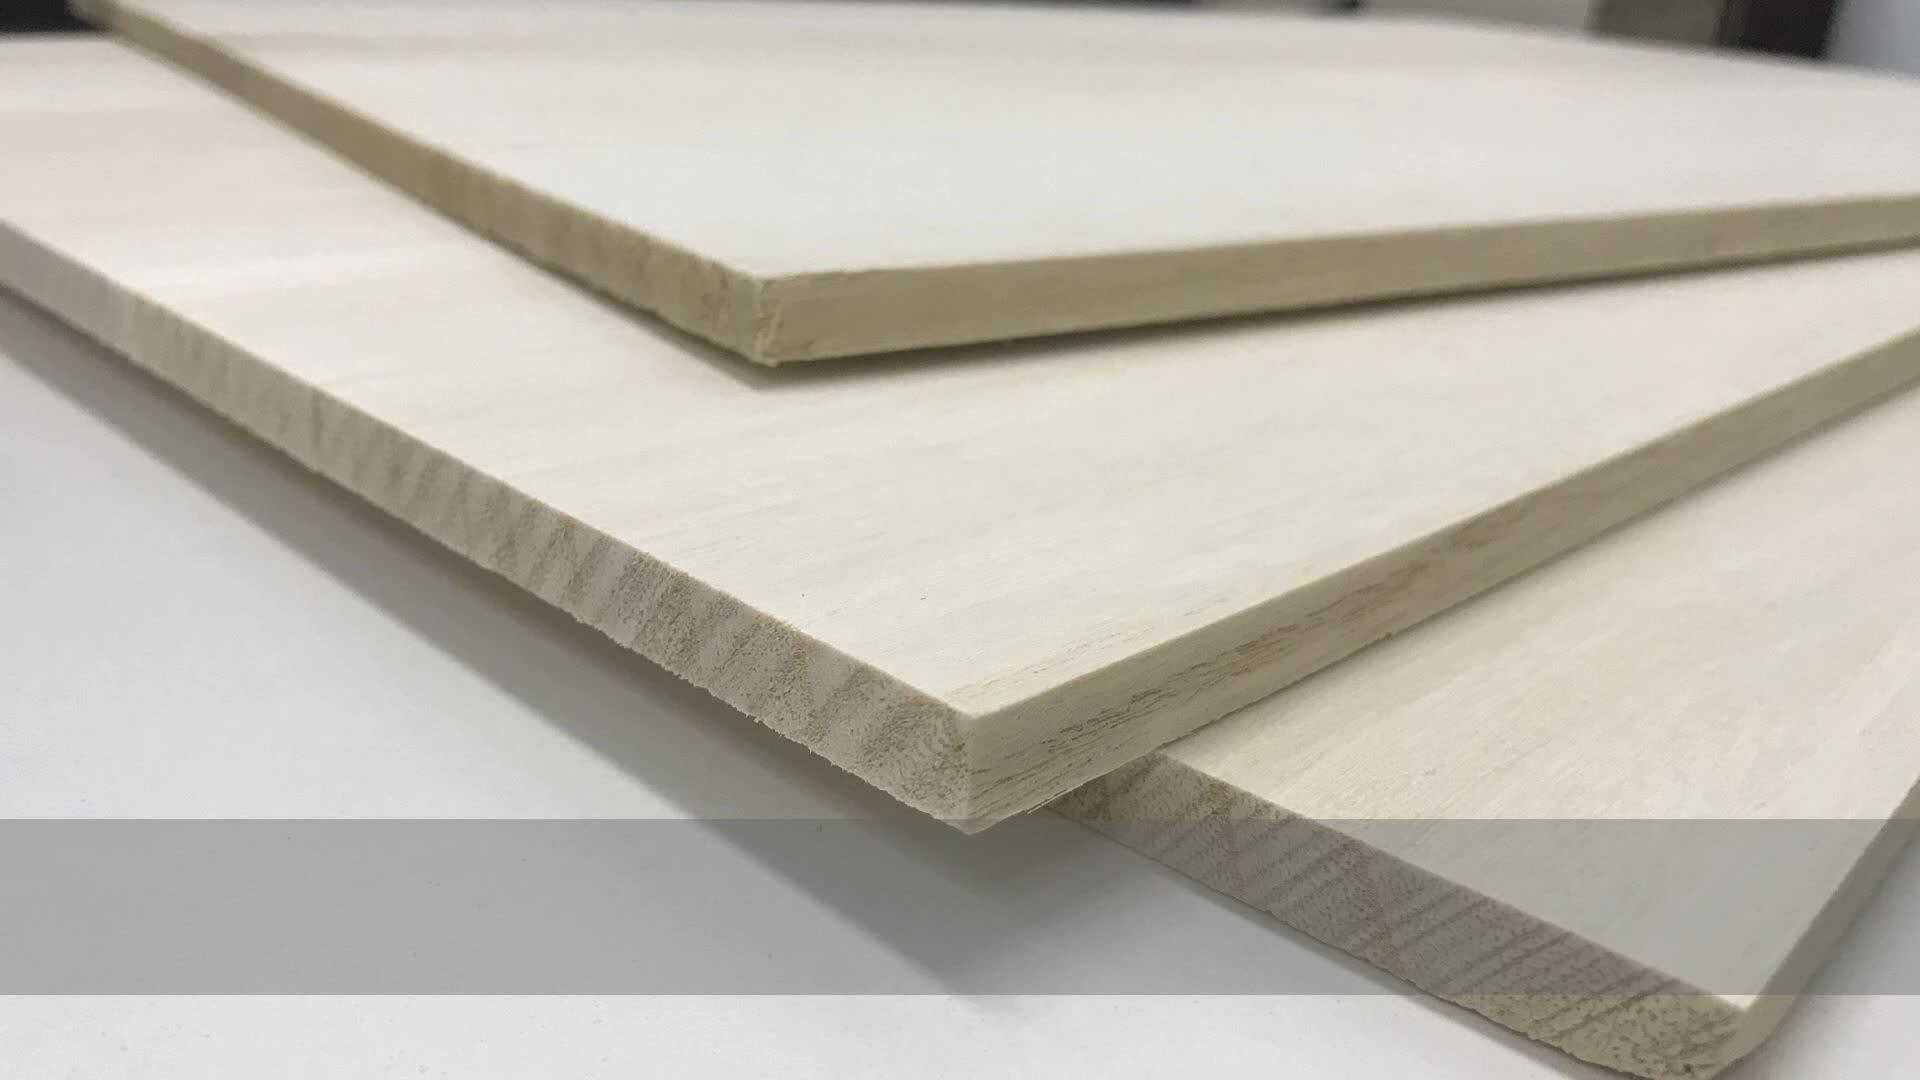 Legno di paulonia prezzo 12 millimetri di legno di paulonia utilizzato per mobili in legno massiccio cassetto